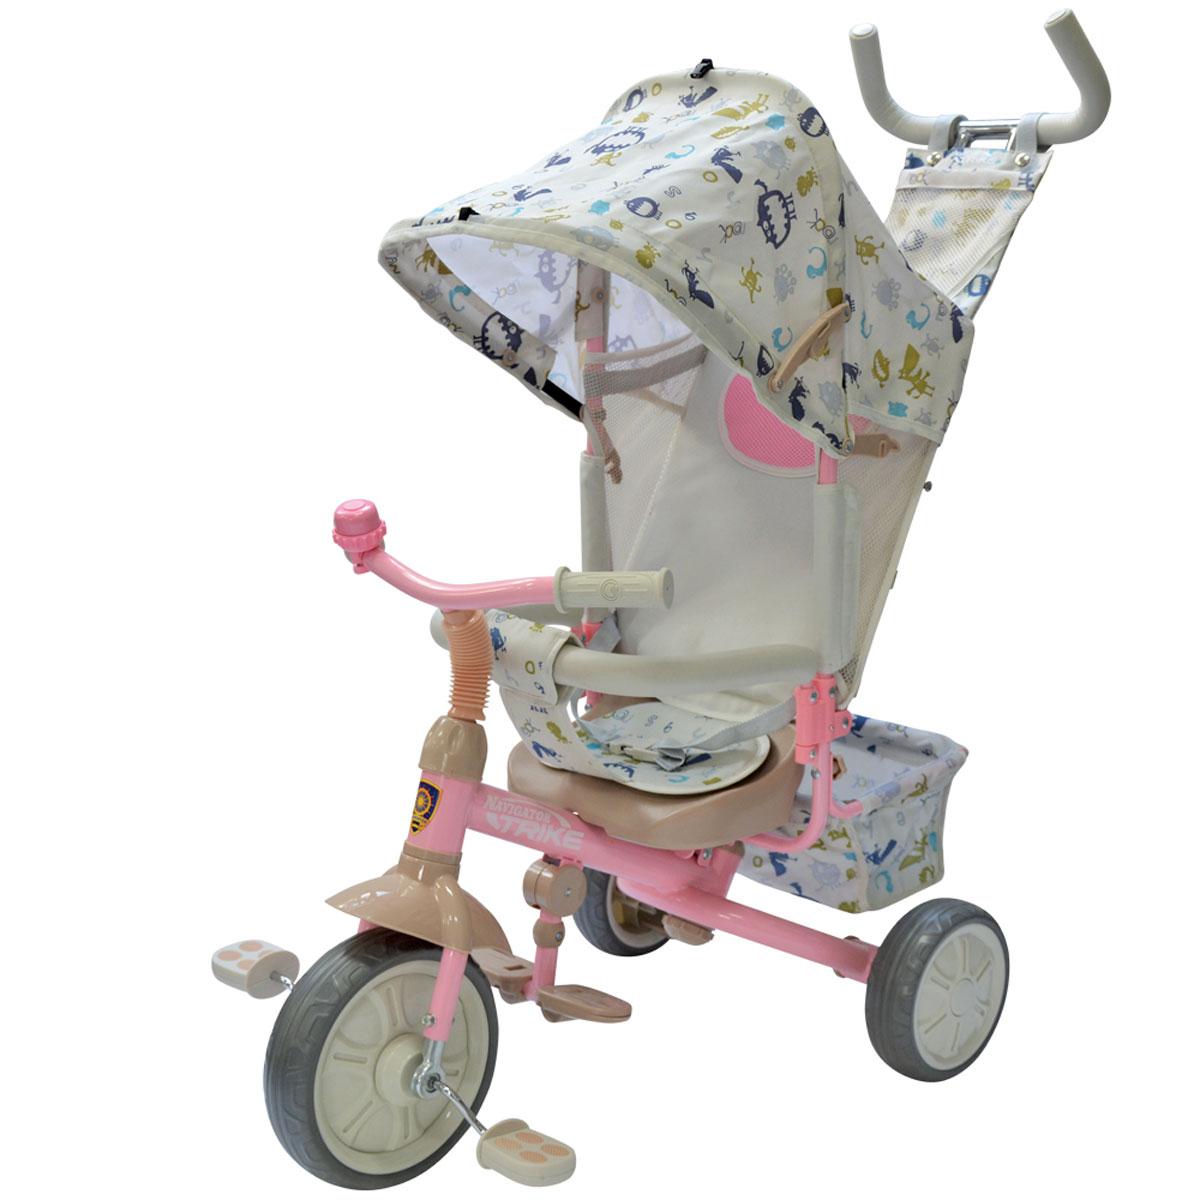 Navigator Велосипед детский трехколесный Lexus цвет белый розовый белыйТ57664Трехколесный велосипед Navigator Lexus с утолщенными колесами. Независимая управляющая ручка, свободный ход педалей, тяга, разъемный страховочный обод, колясочный тент, регулируемая спинка, складная подножка, корзина, тормоз